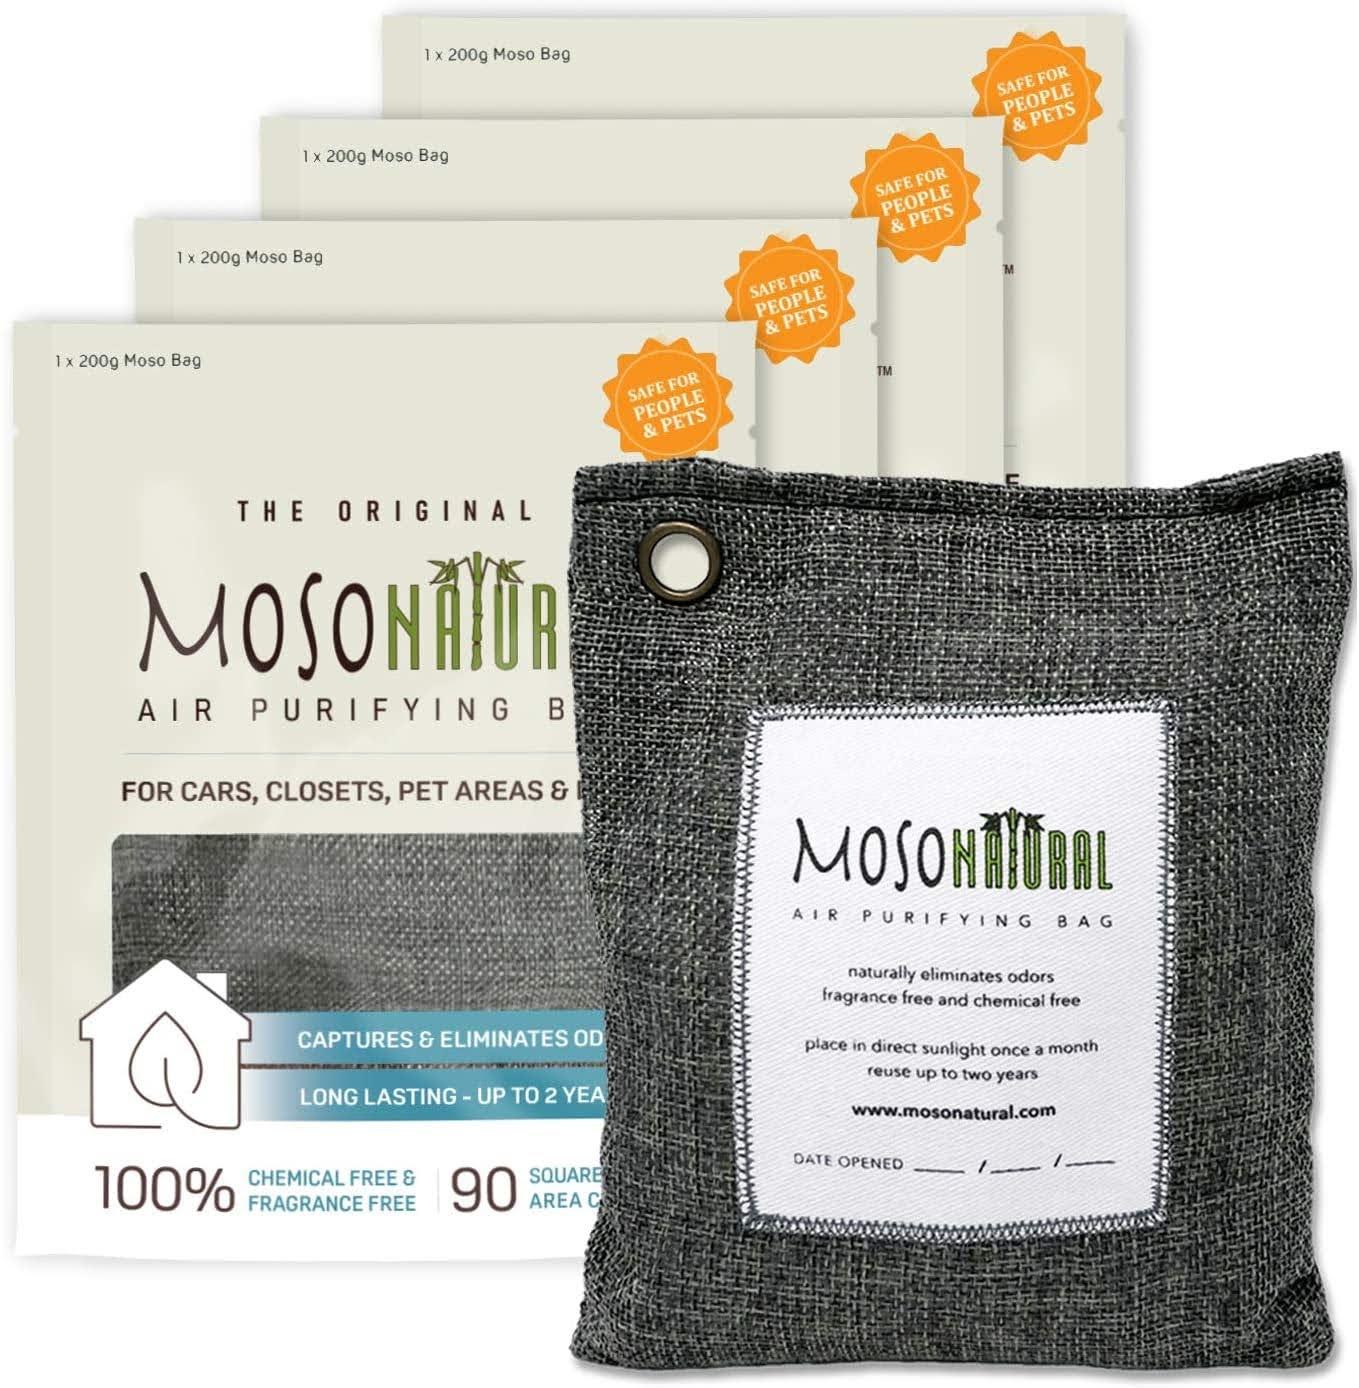 MOSO NATURAL: The Original Air Purifying Bag | Photo via Amazon